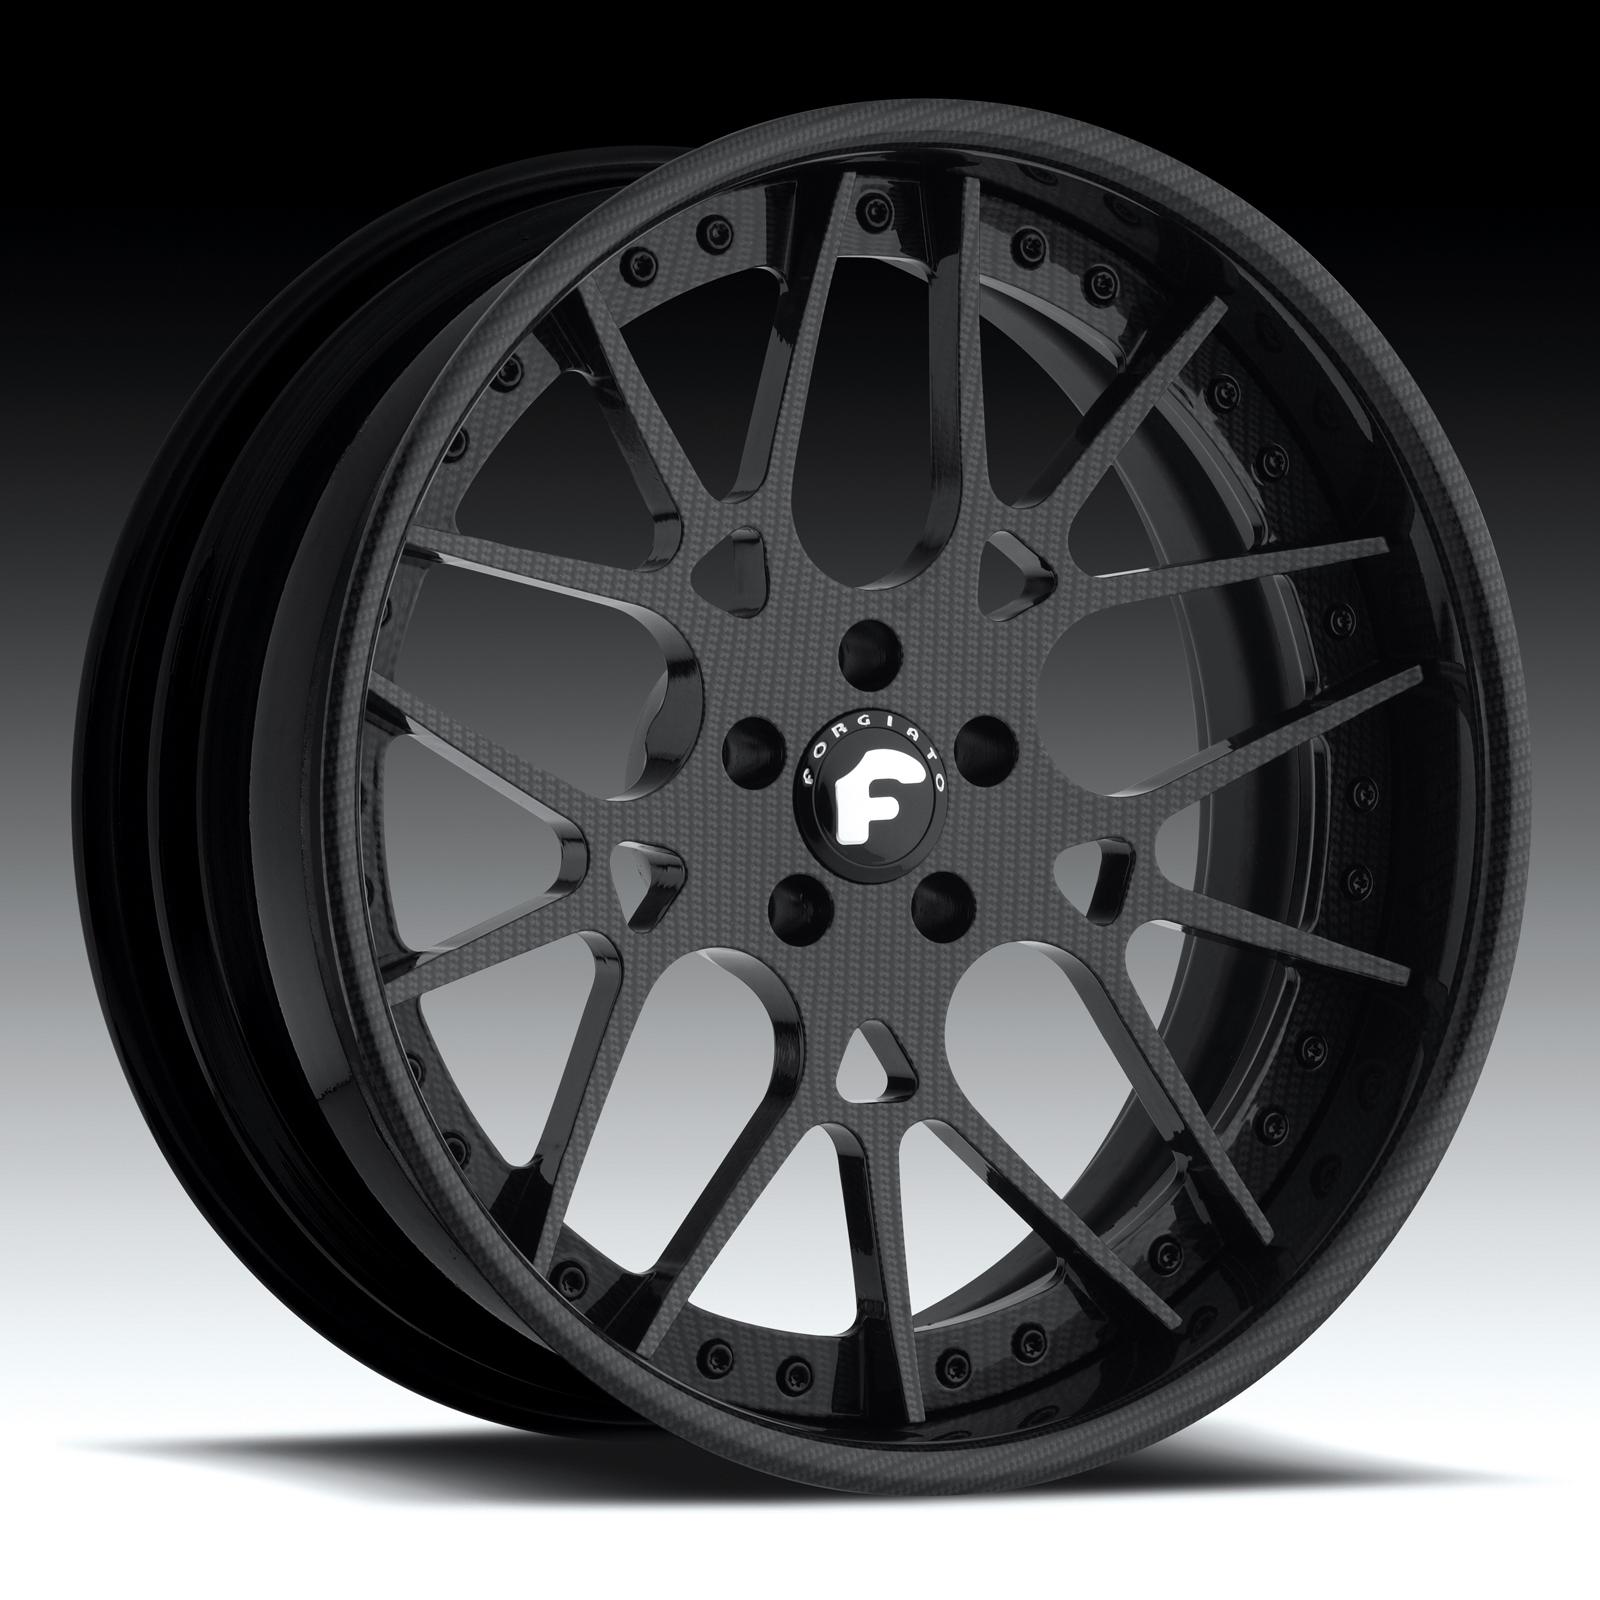 Bmw M5 Sitting On 20 Inch Forgiato Maglia Wheels W Carbon